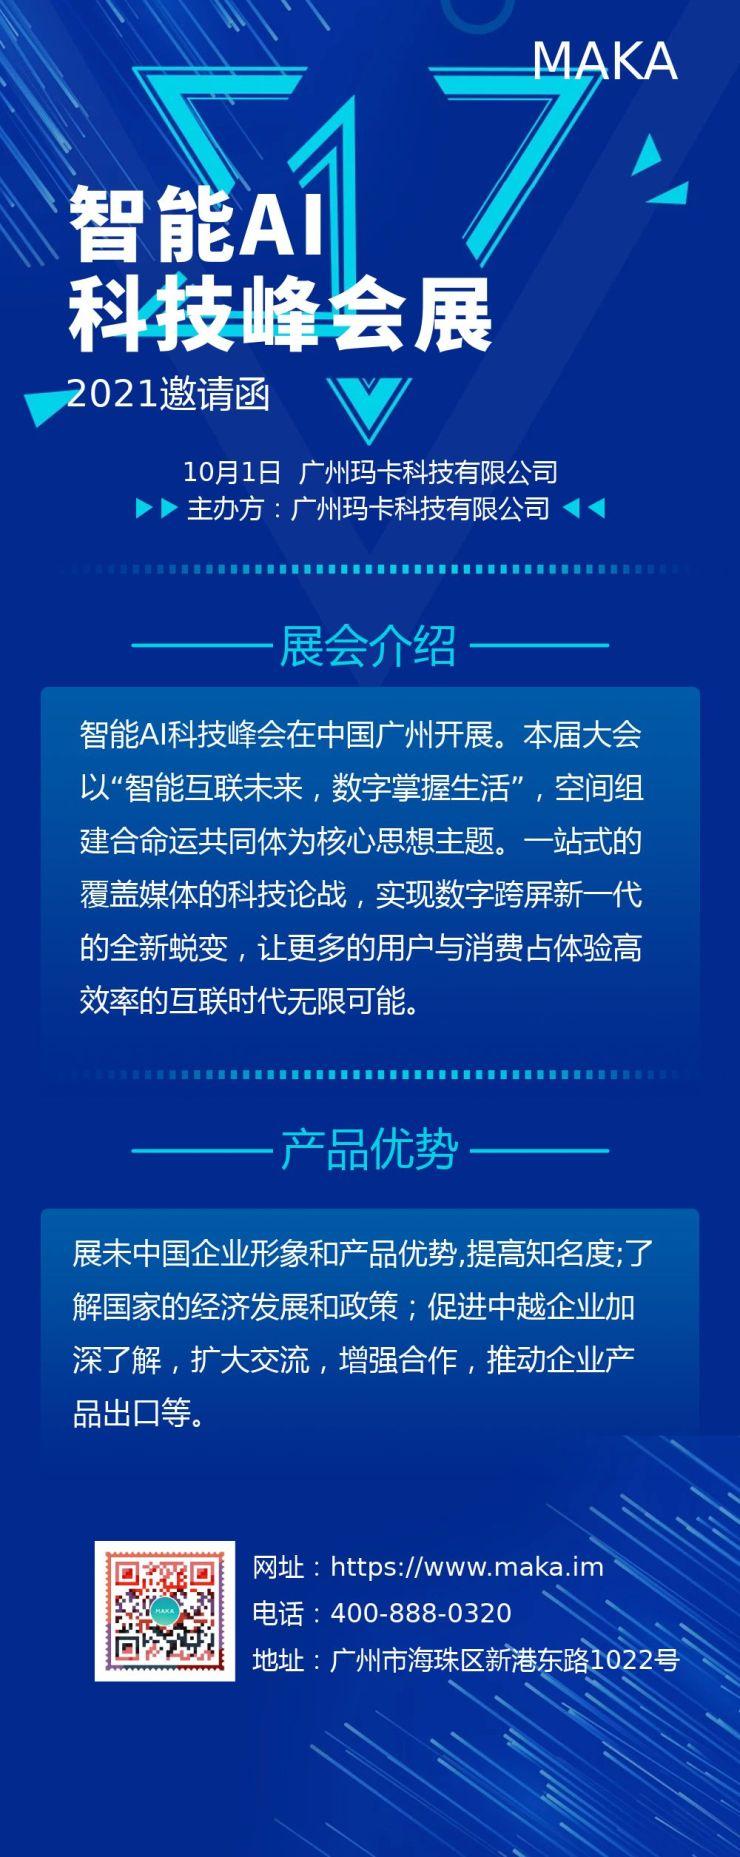 蓝色简约大气企业科技会展邀请函宣传长图